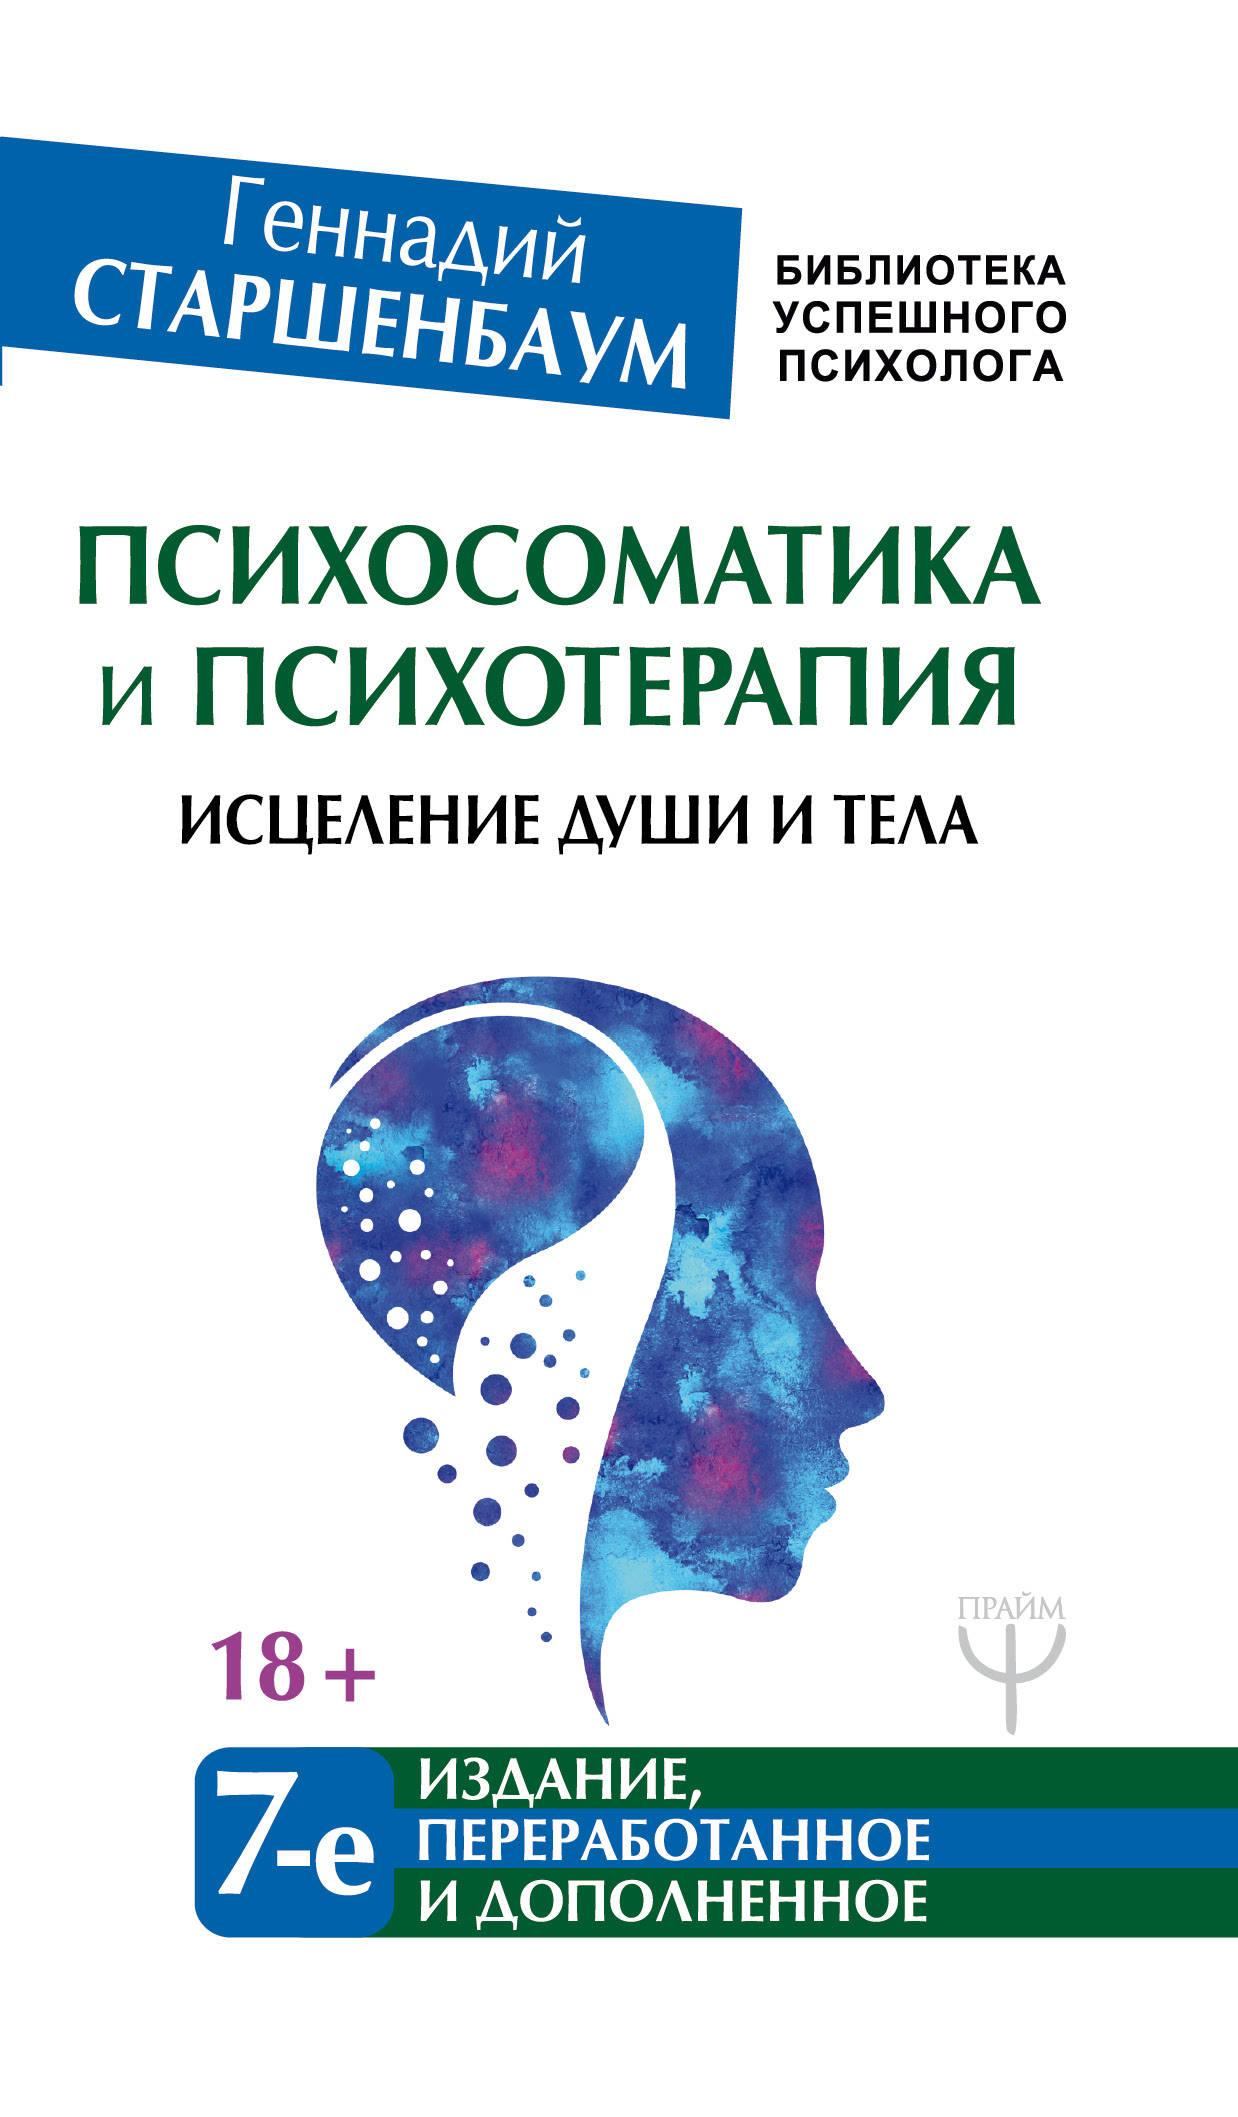 Геннадий Старшенбаум Психосоматика и психотерапия. Исцеление души и тела